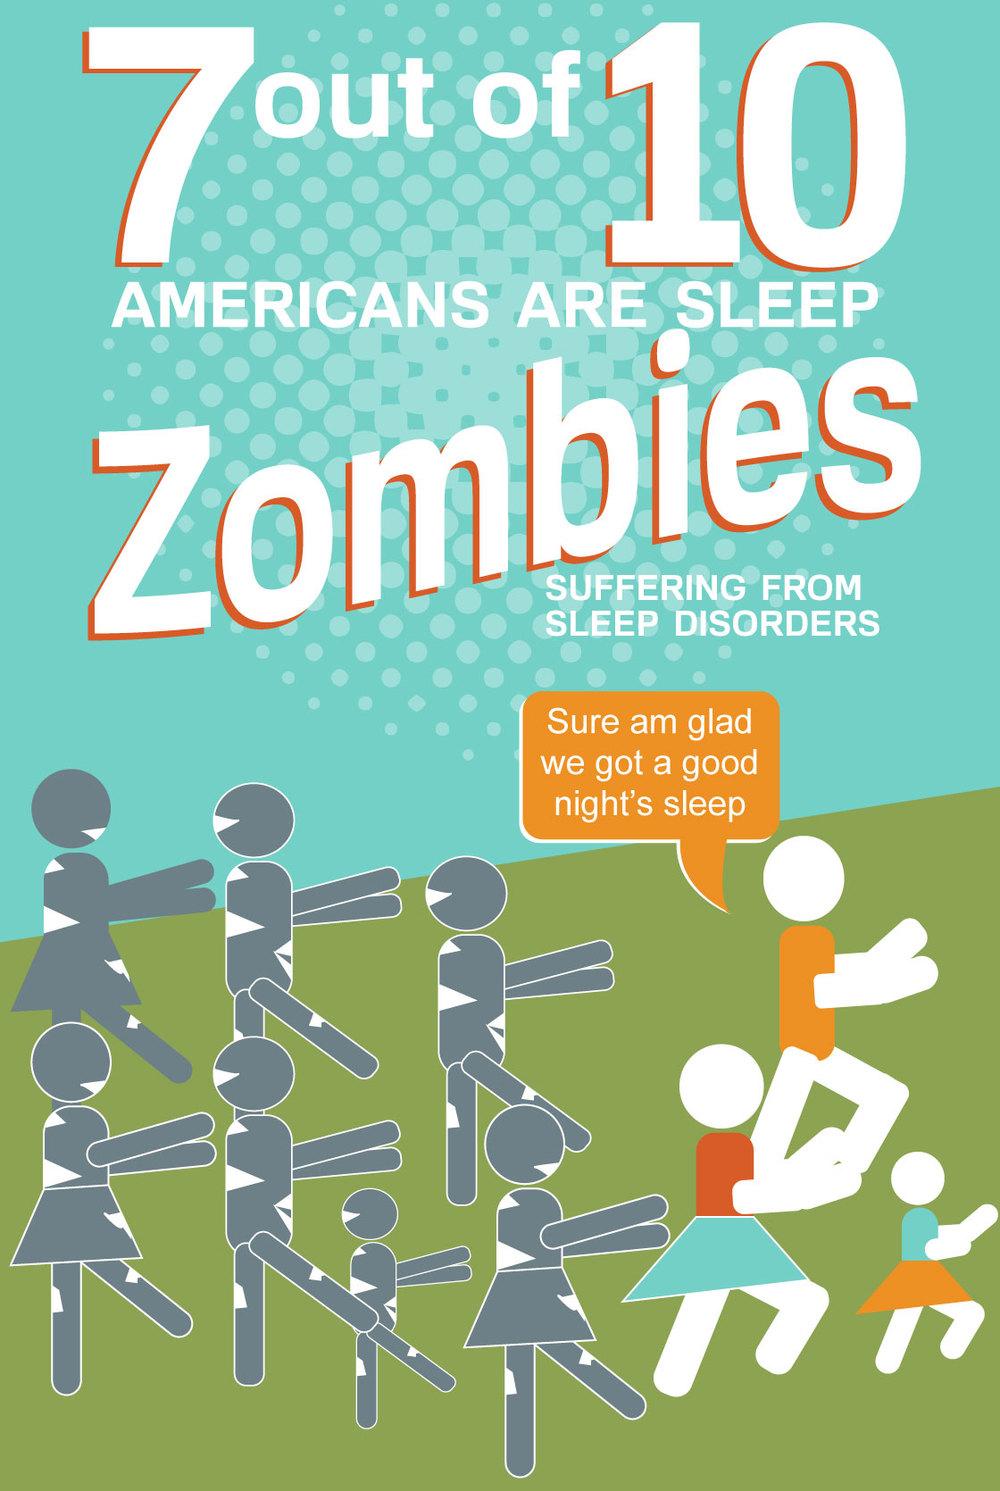 Sleep Zombie Poster